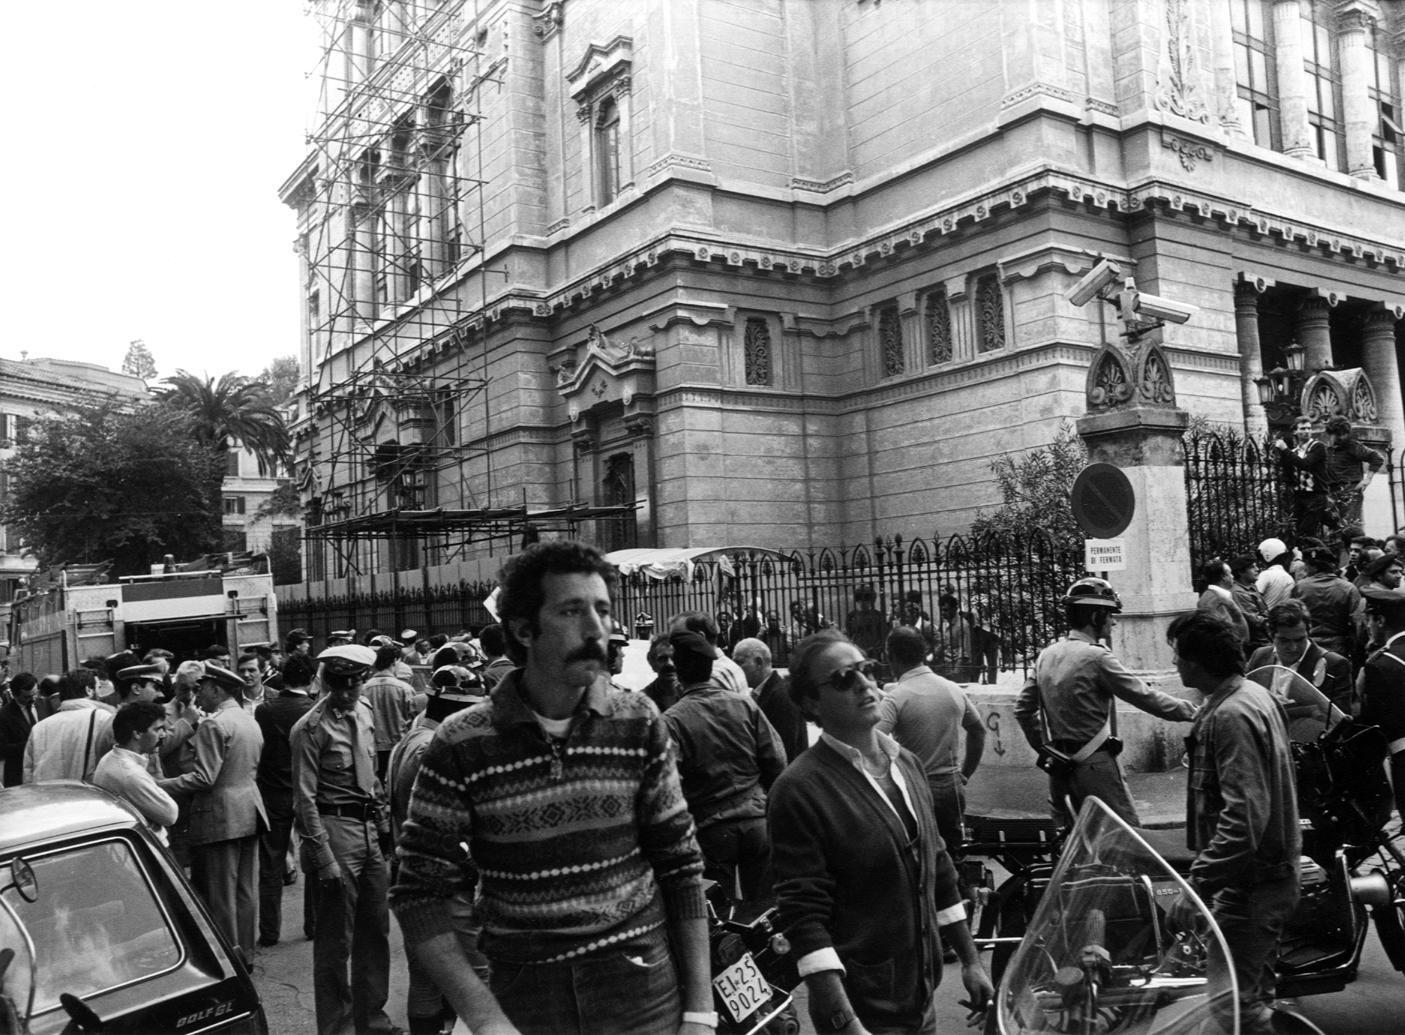 La folla intorno alla Sinagoga dopo la strage del 9 ottobre 1982